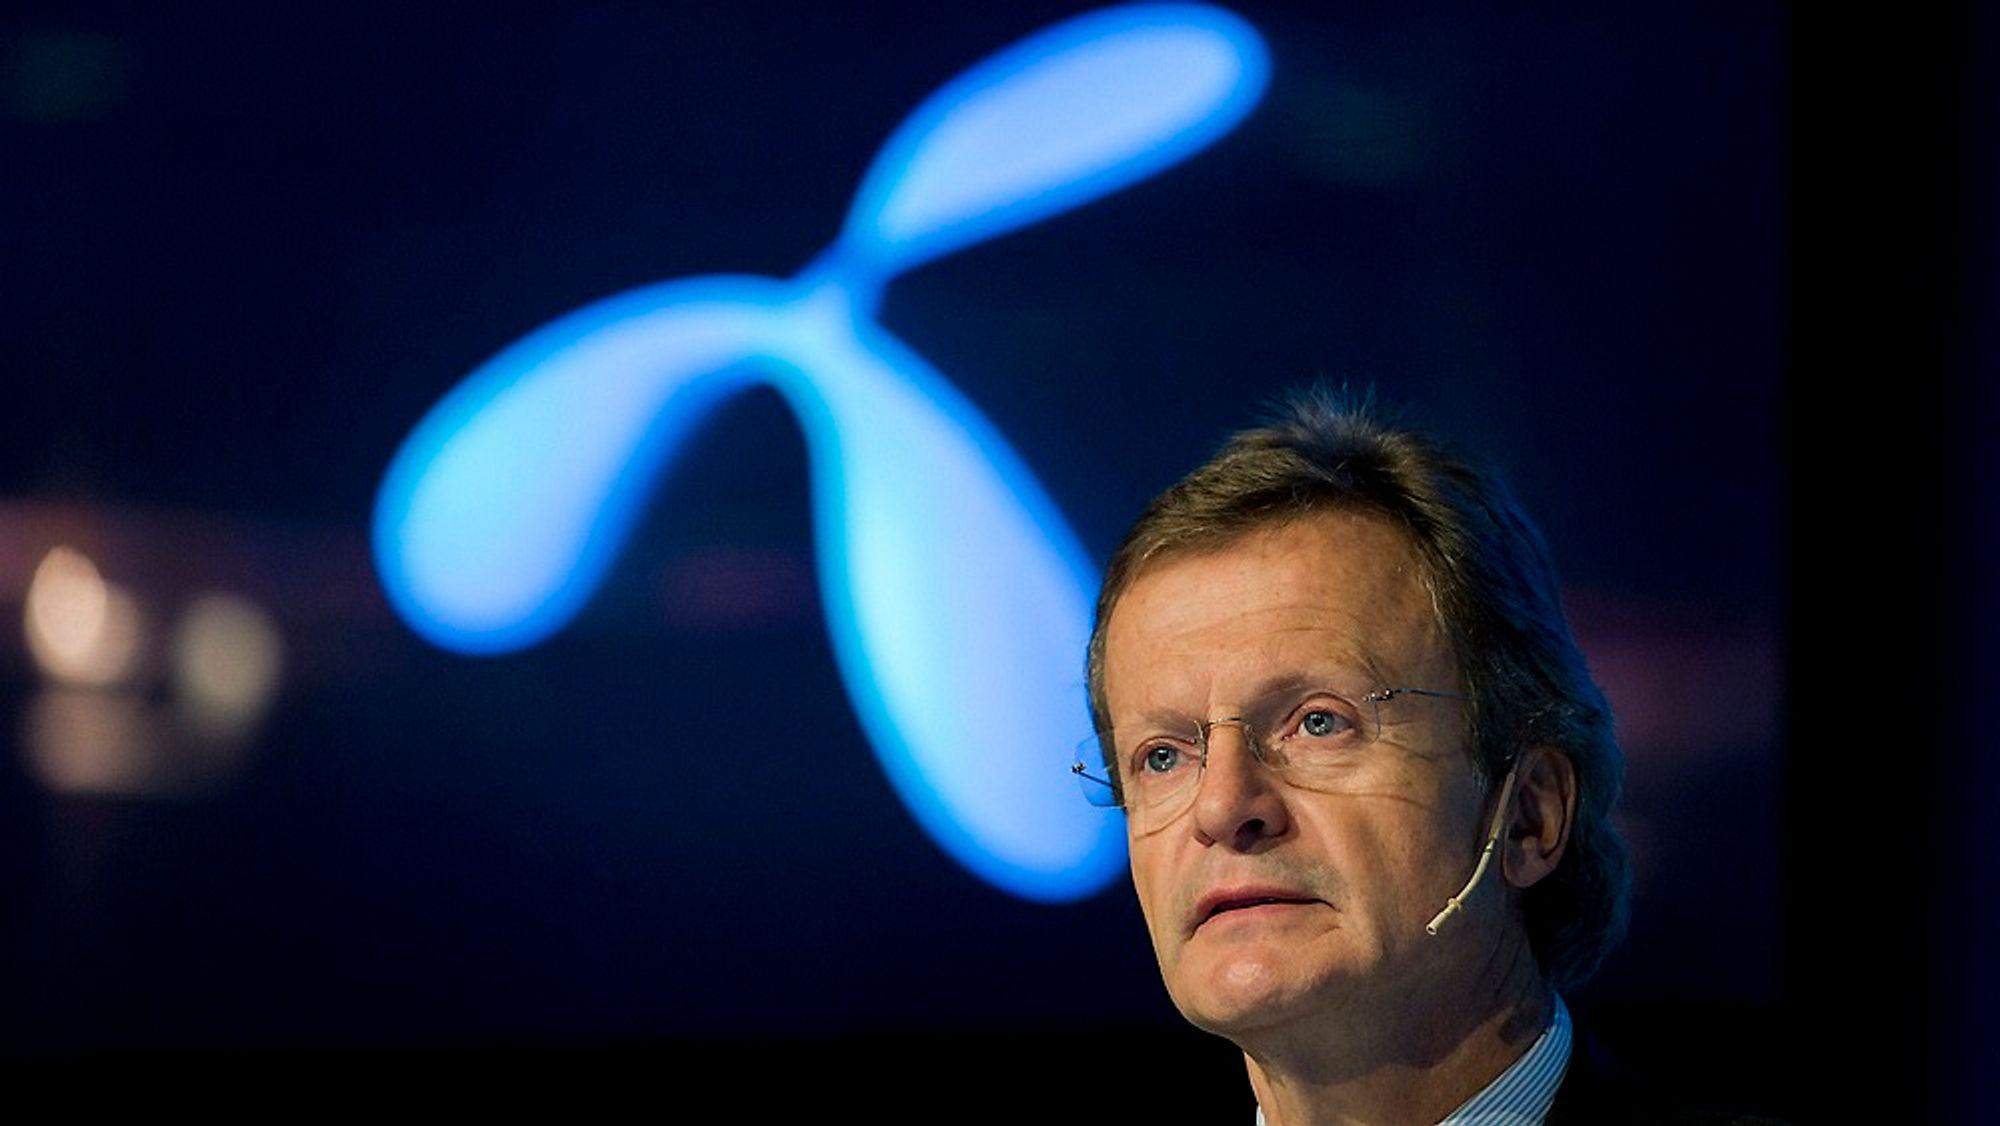 Telenor-sjef Jon Fredrik Baksaas kan notere at mobildatabruken til de norske kundene gir gode resultater.